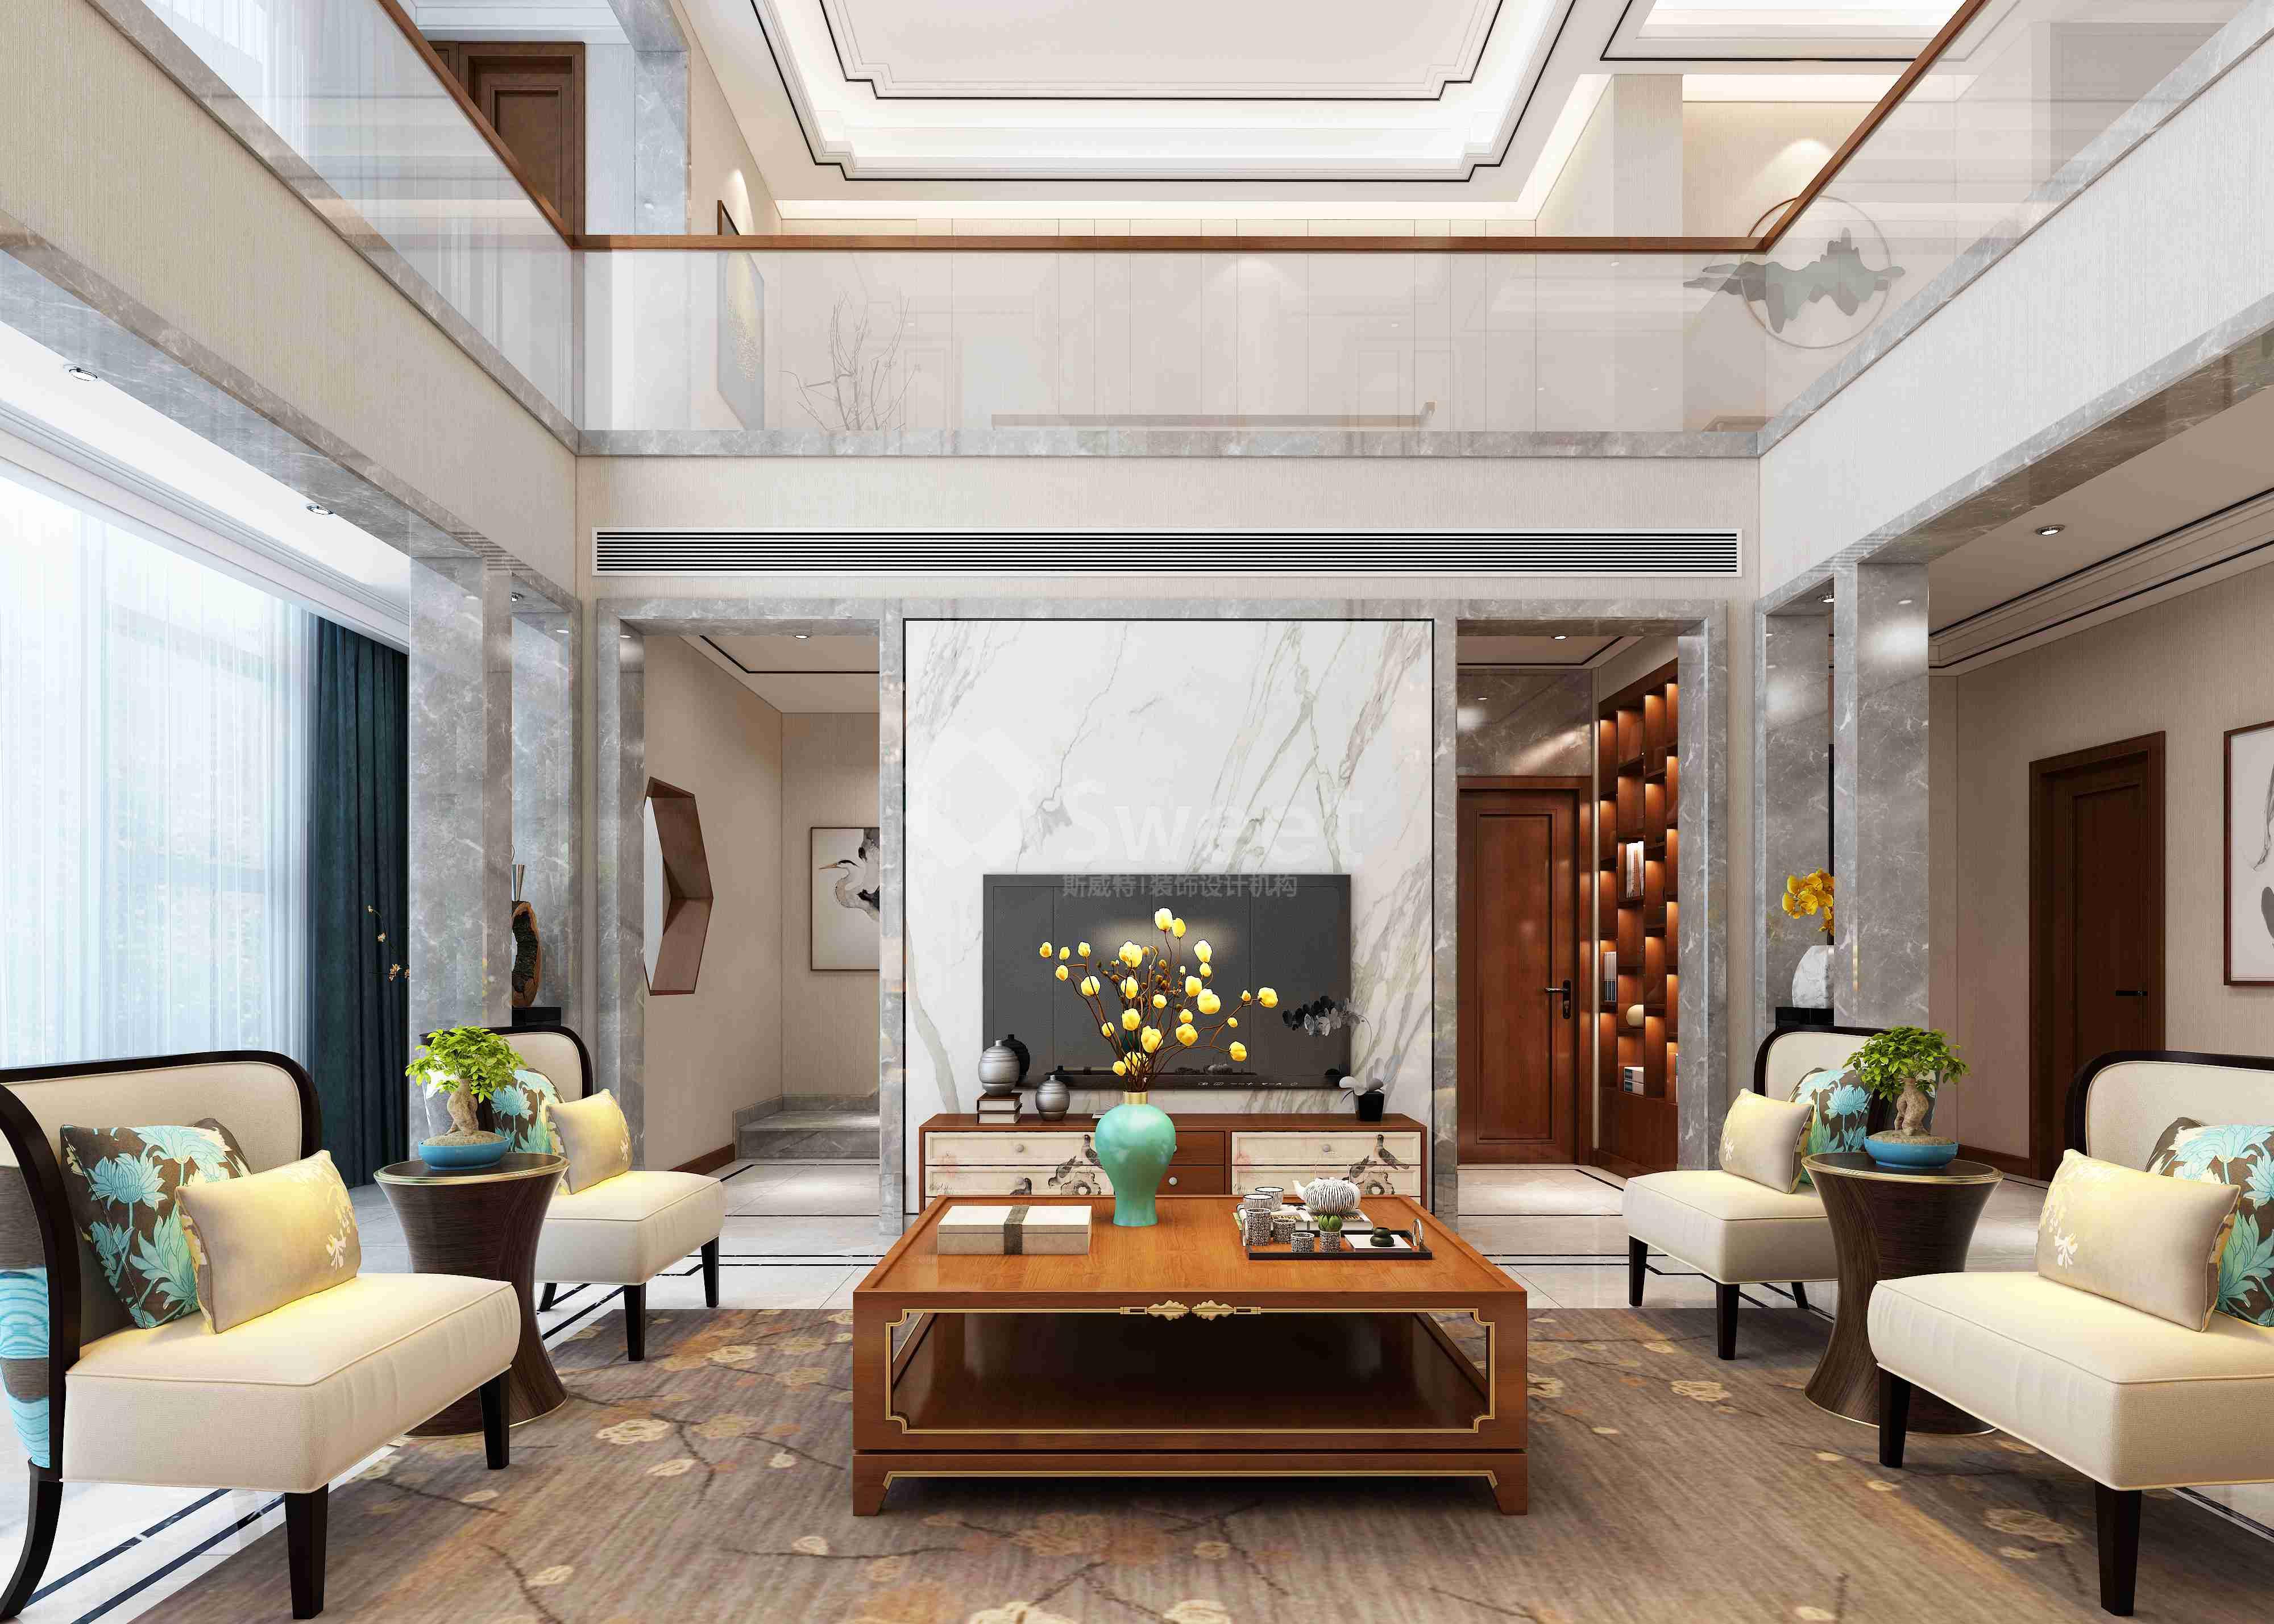 业主希望自己的家简洁时尚具有现代气息又不失传统中式的味道,卧房尽量满足办公功能 ,储藏空间充足,预留自己爱喝茶的功能空间